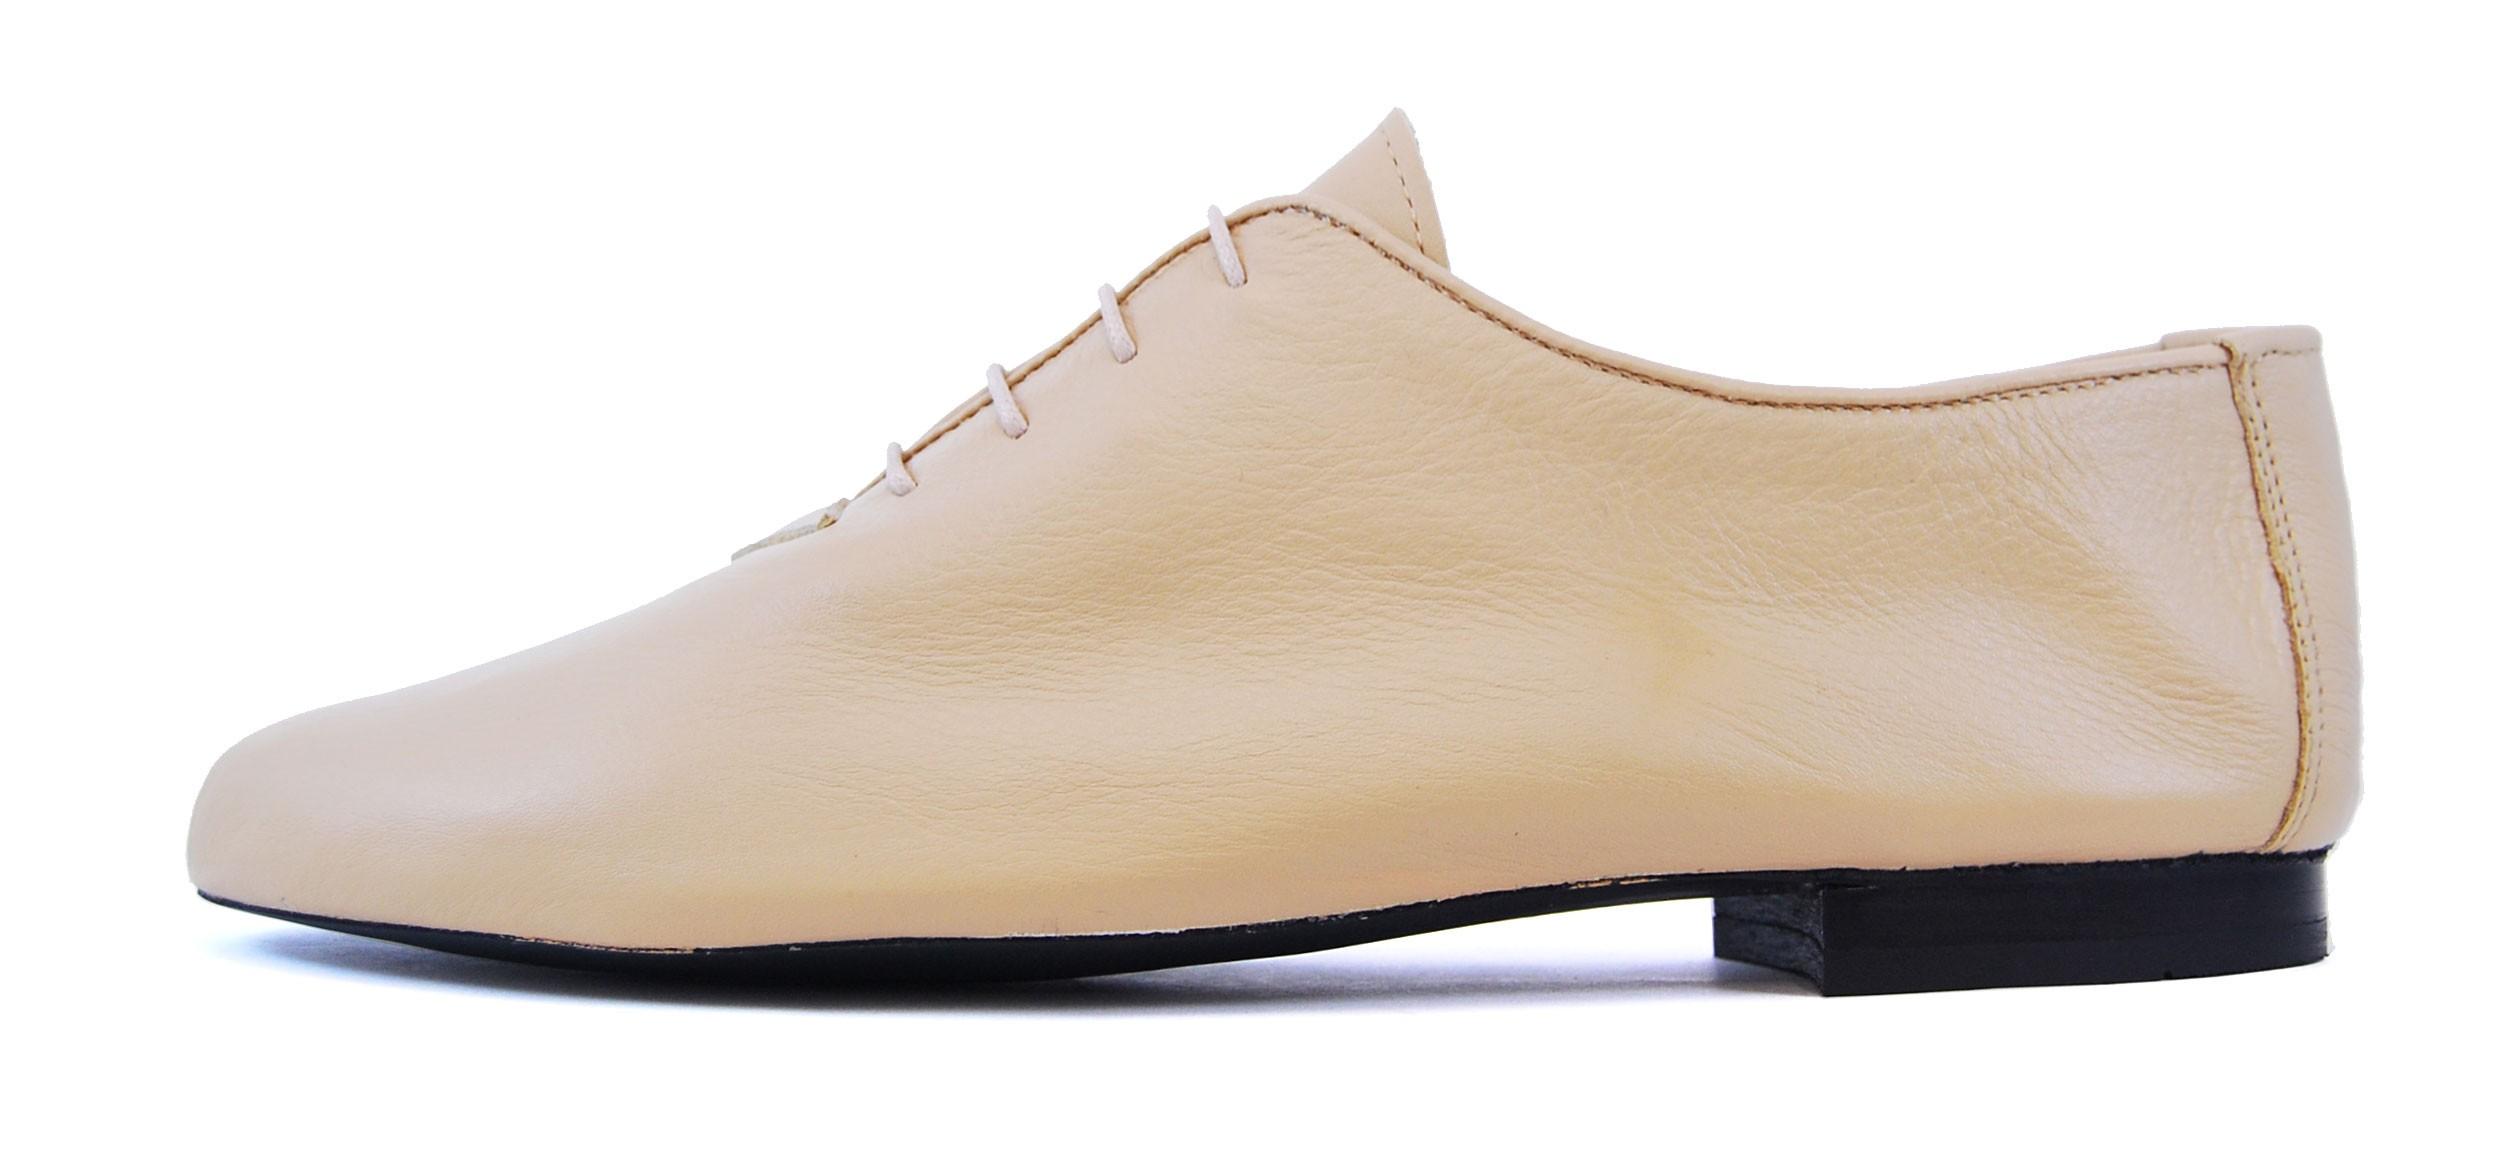 Foto 1 de Zapatos Julio Iglesias Cordon 529 JC Deserto Napa